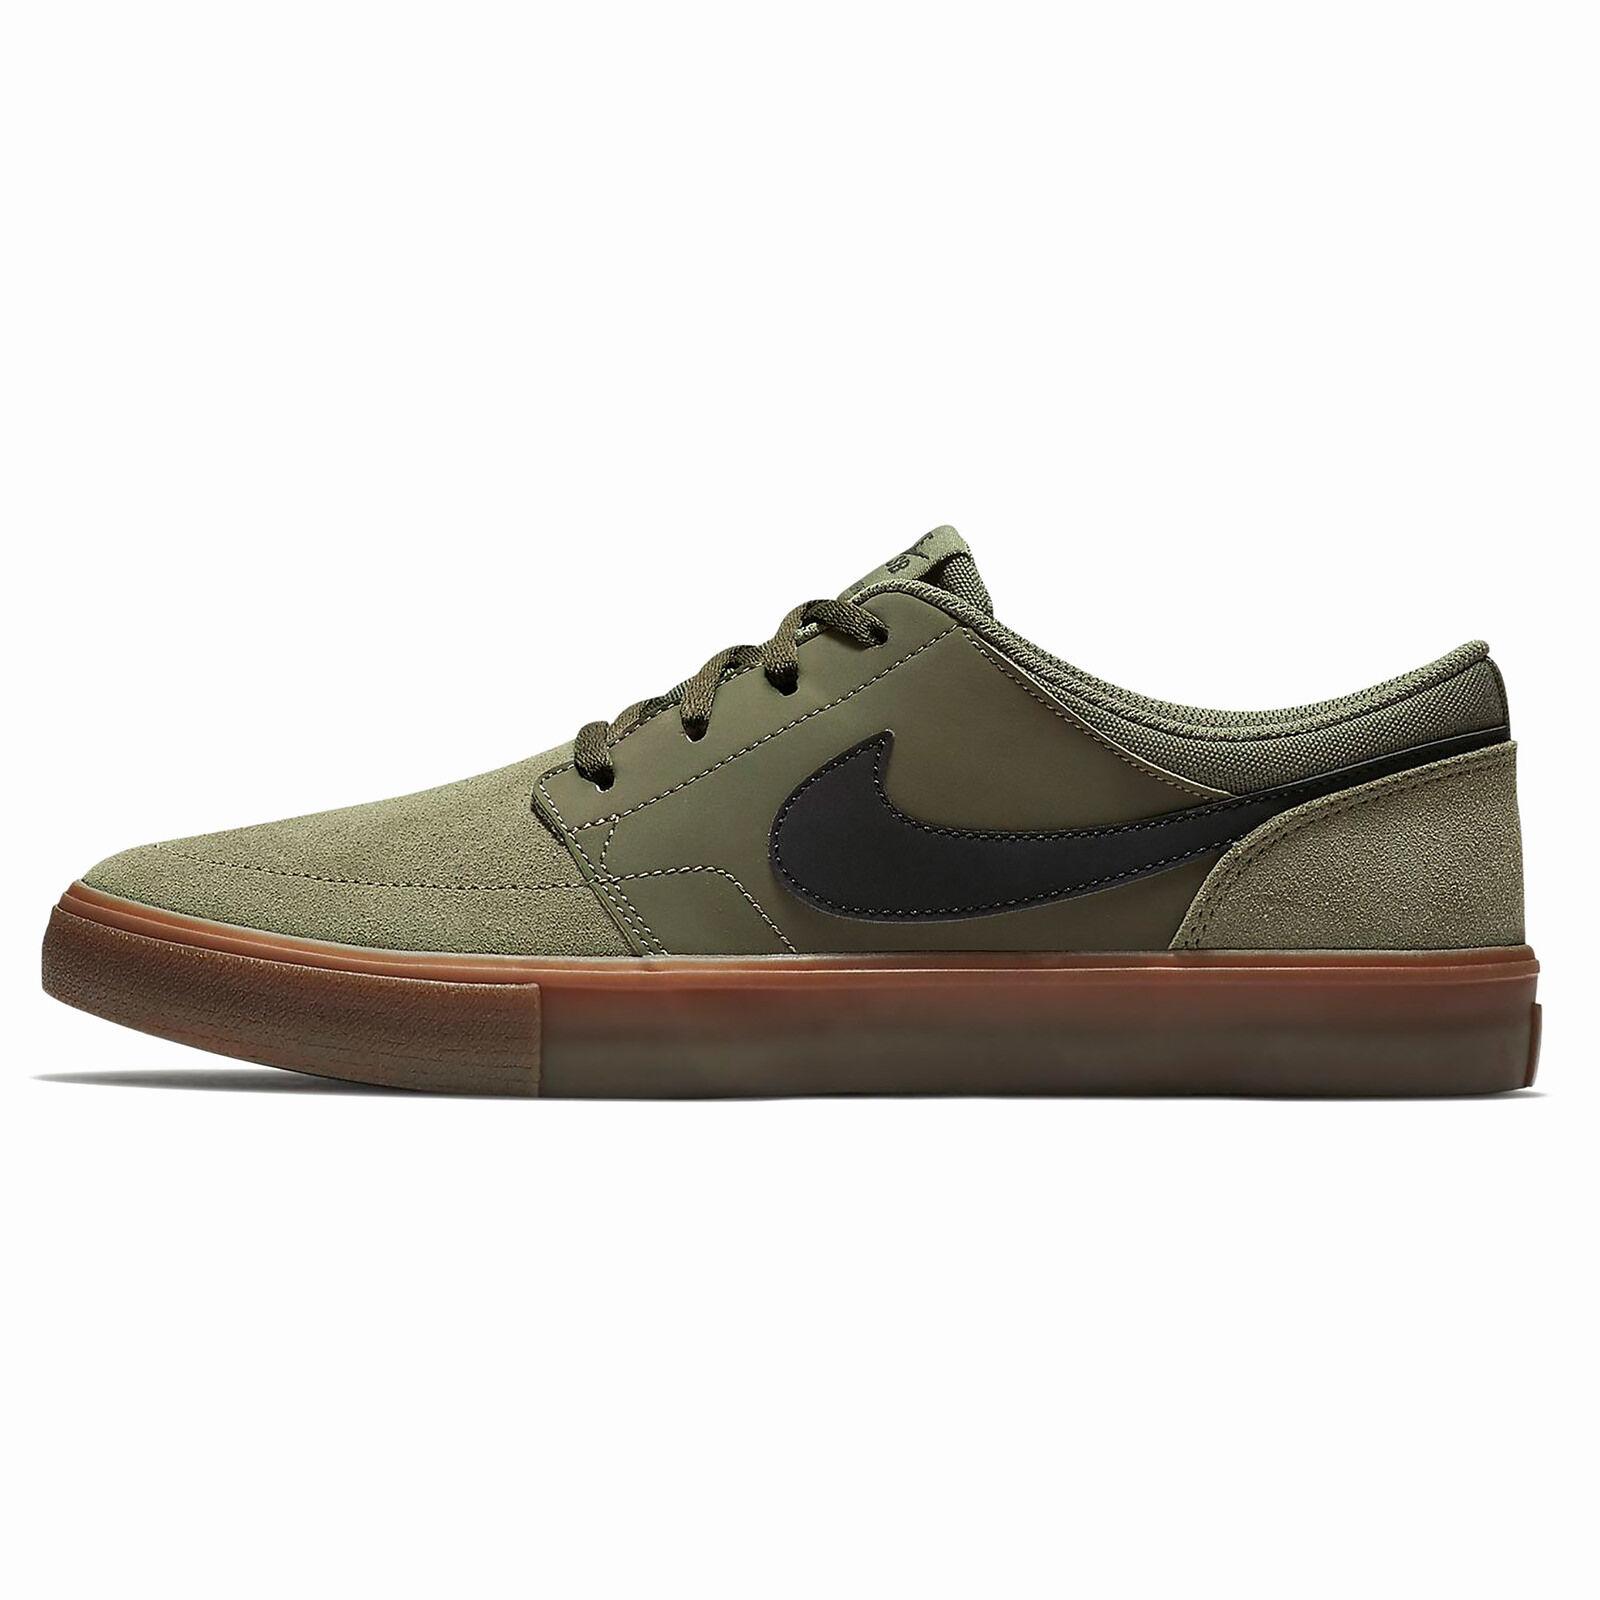 Nike 880266-200 SB Portmore II Solar 880266-200 Nike Skateboard Skate Sneaker Sport Schuh c87df0